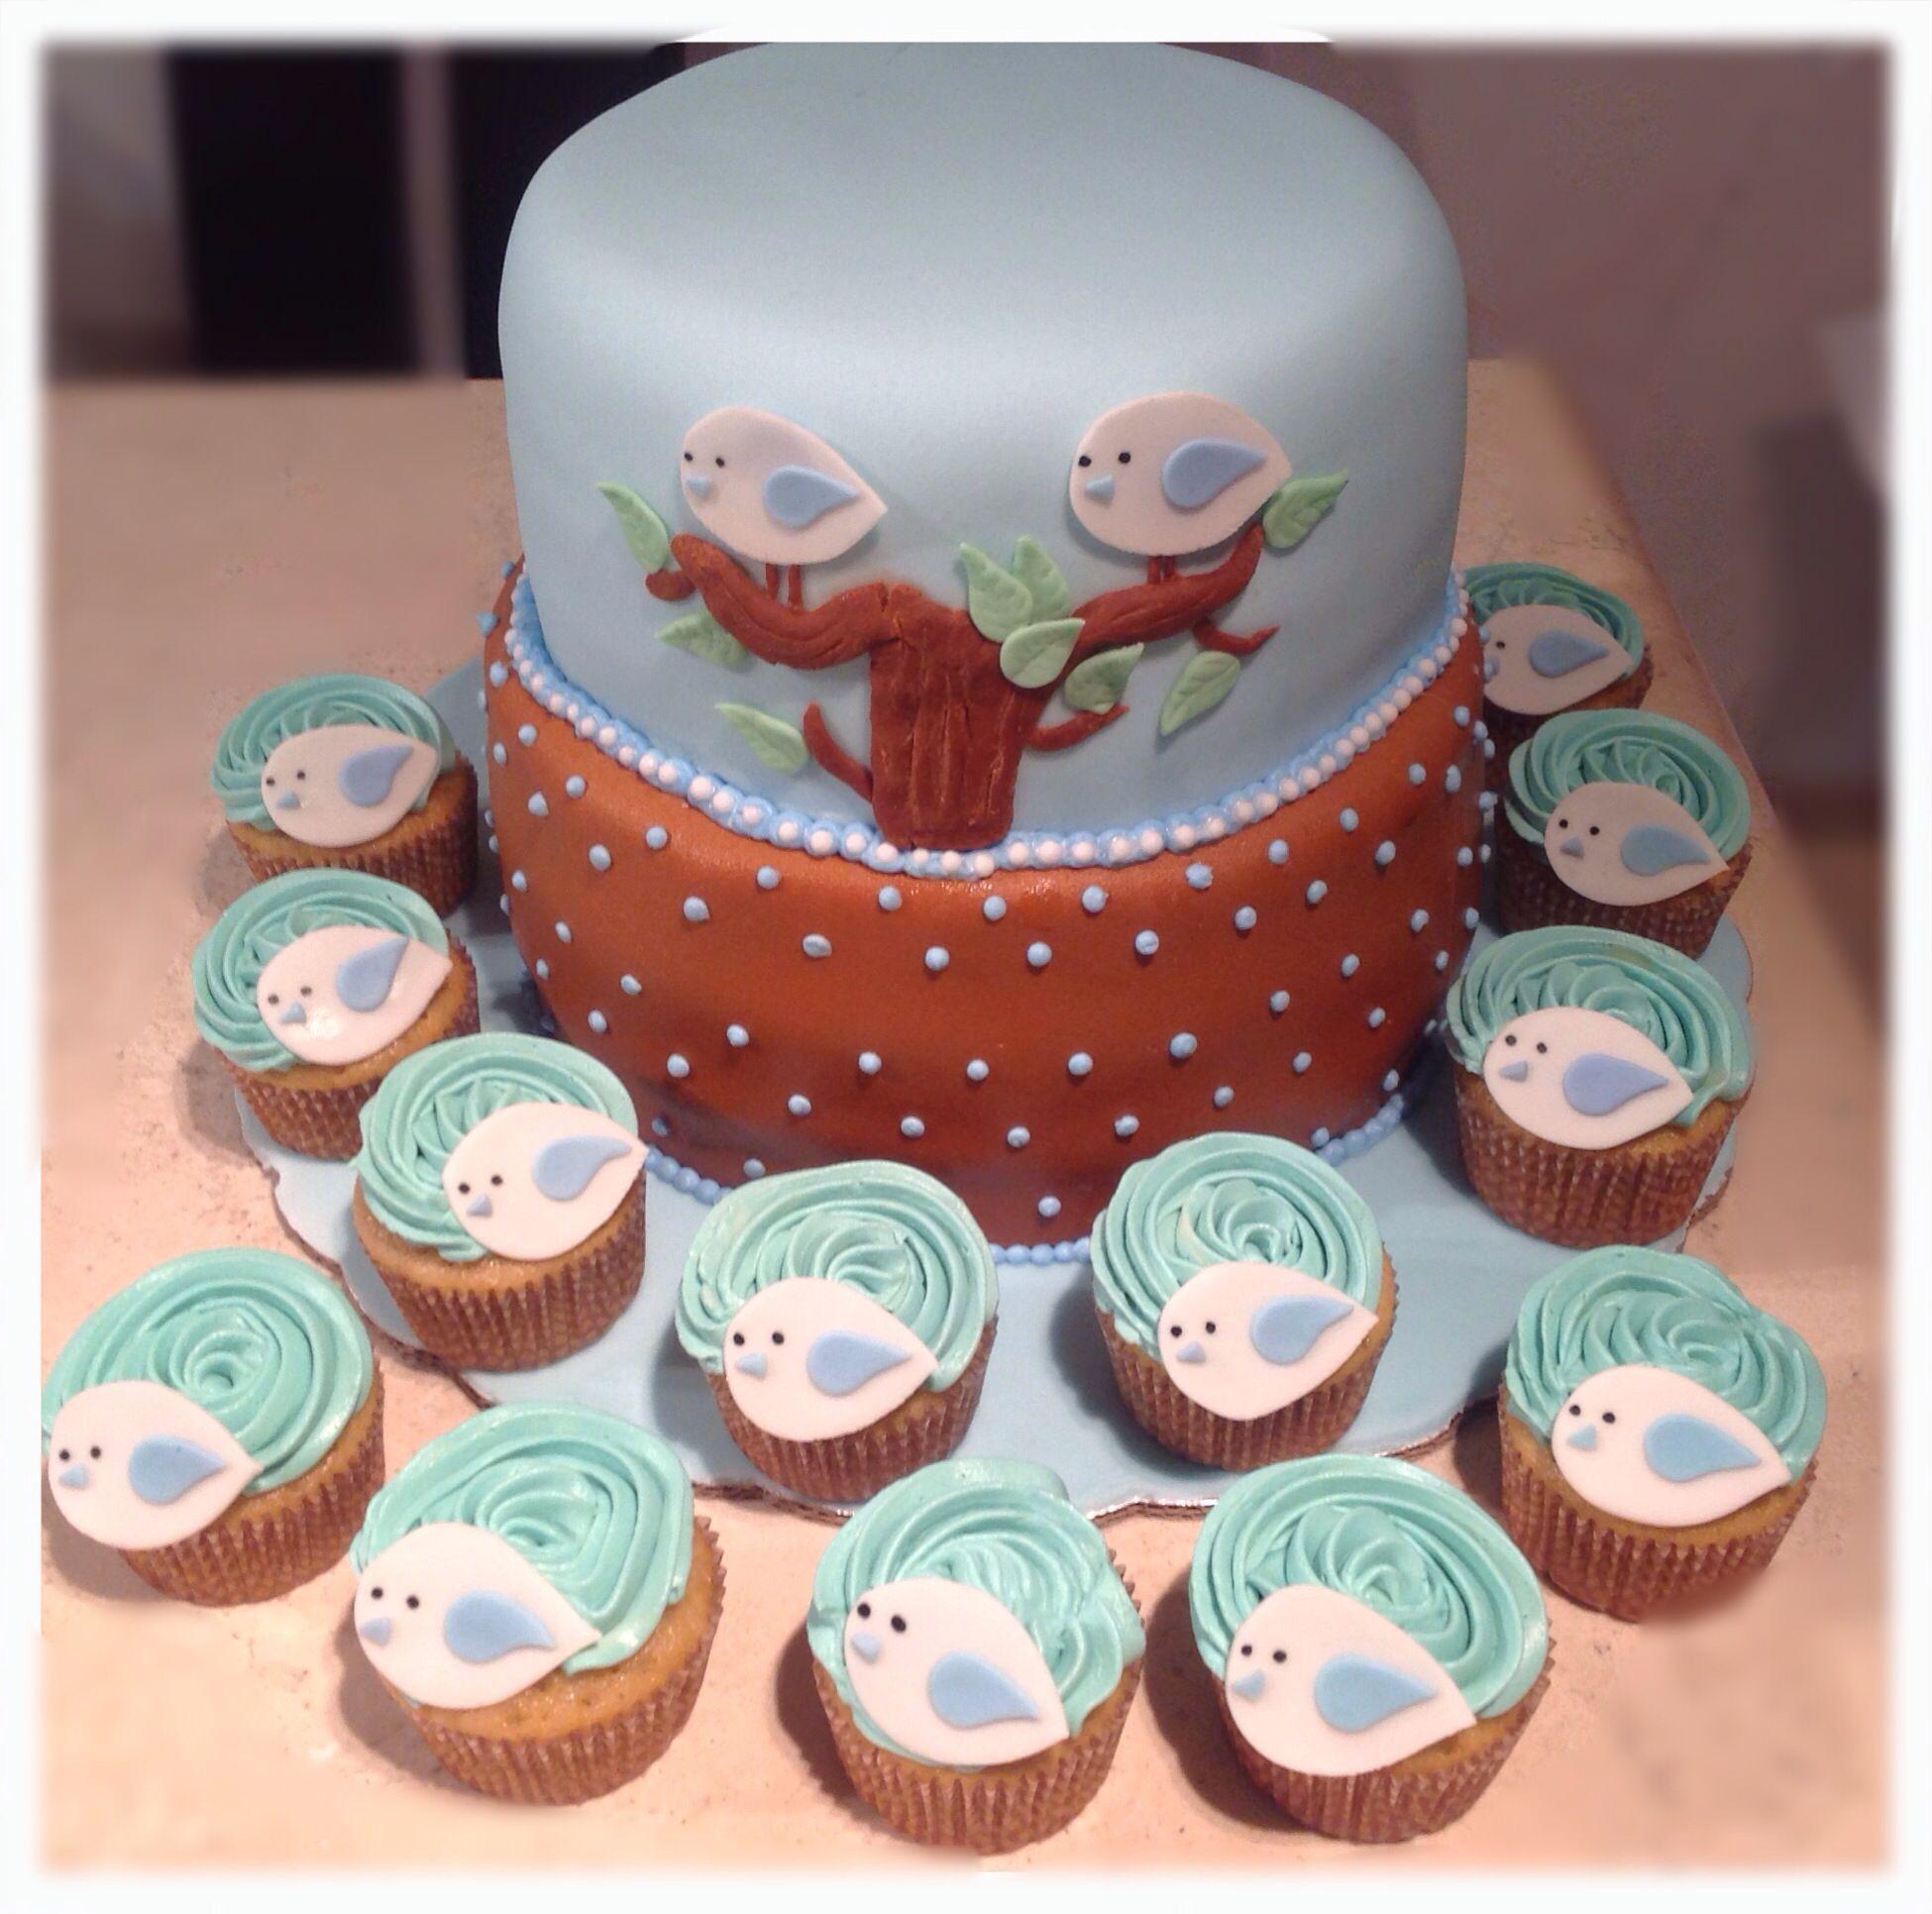 nos encanto hacer este hermoso pastel a juego con sus cupcakes de pajarito todo combinado